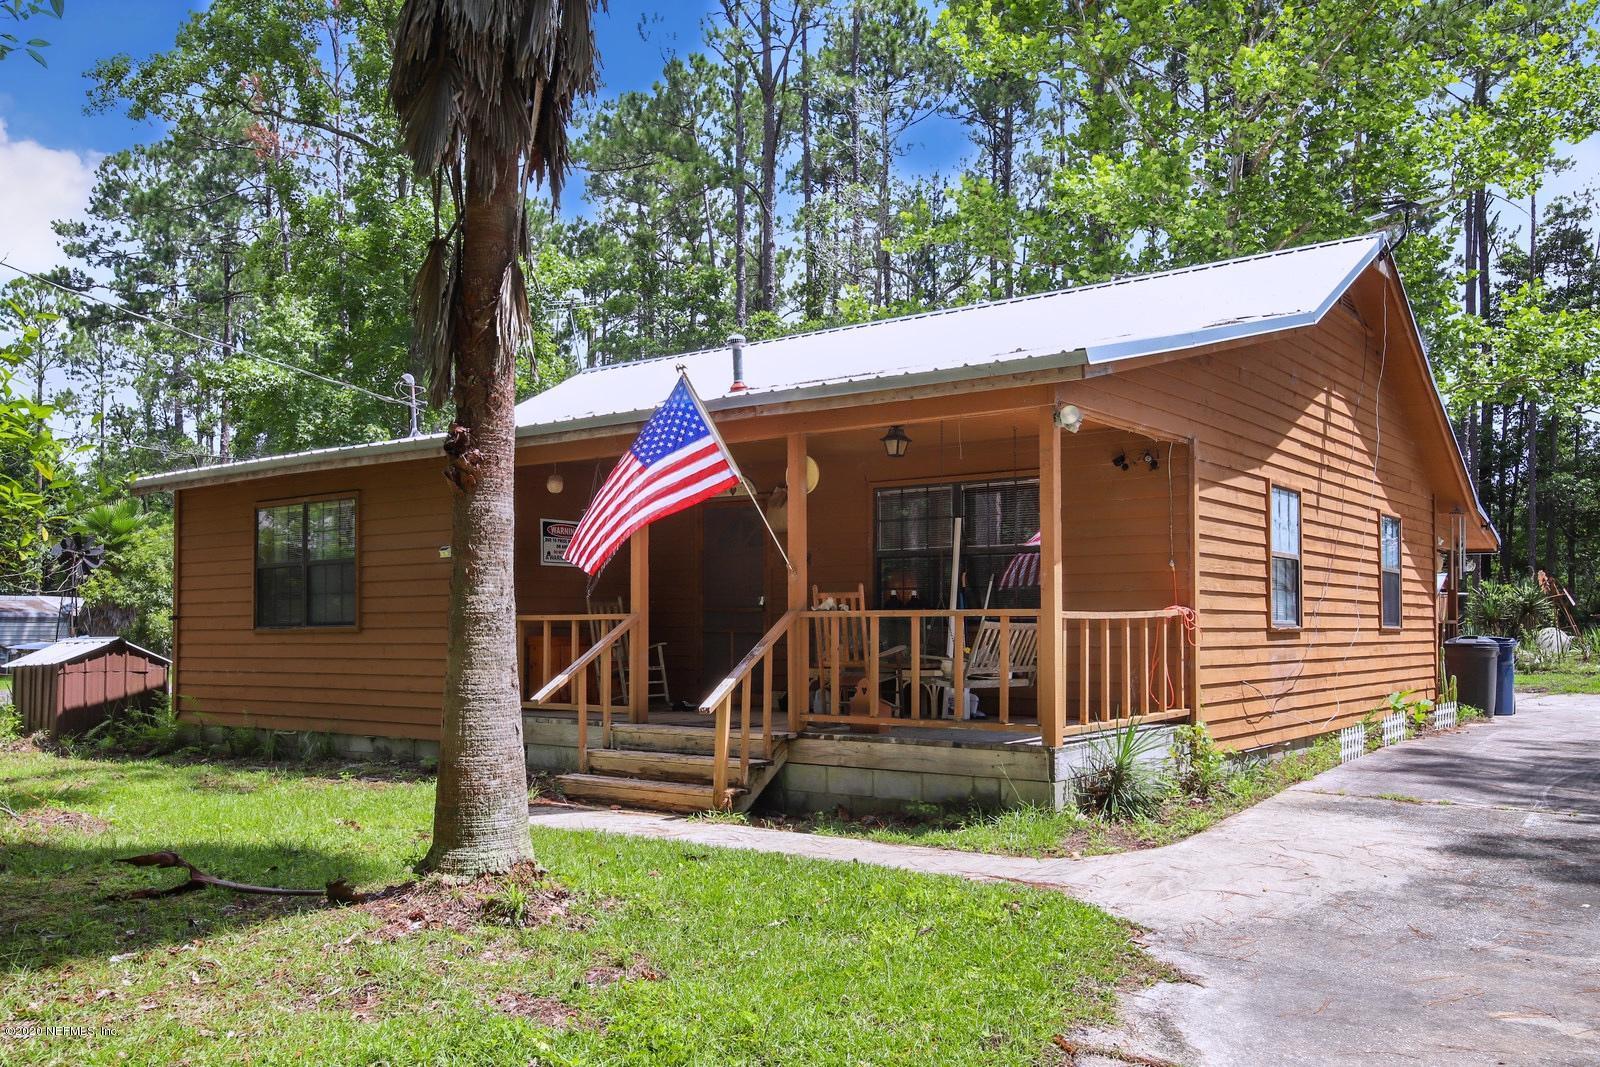 851098 US HIGHWAY 17, YULEE, FLORIDA 32097, 2 Bedrooms Bedrooms, ,2 BathroomsBathrooms,Residential,For sale,US HIGHWAY 17,1058229